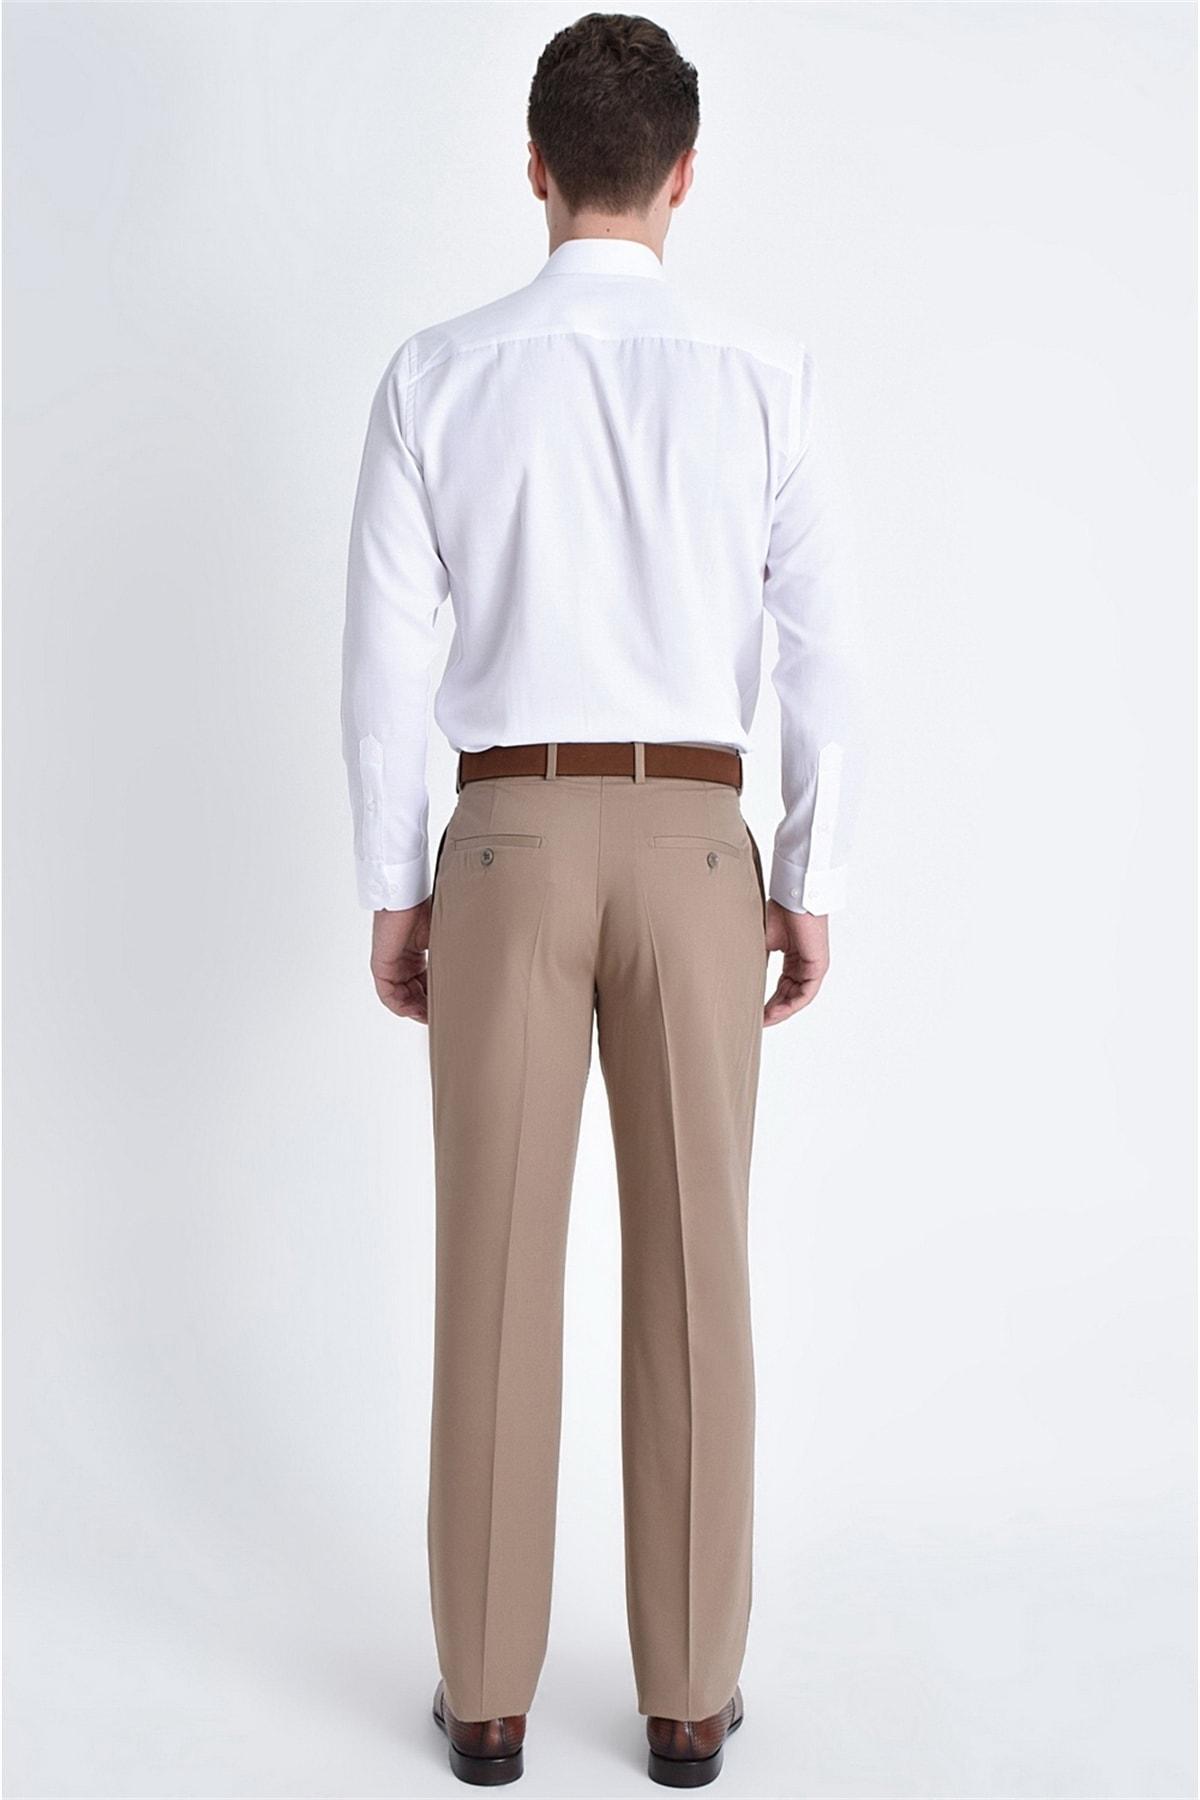 Efor Erkek Bej Altro Pantolon 041 2